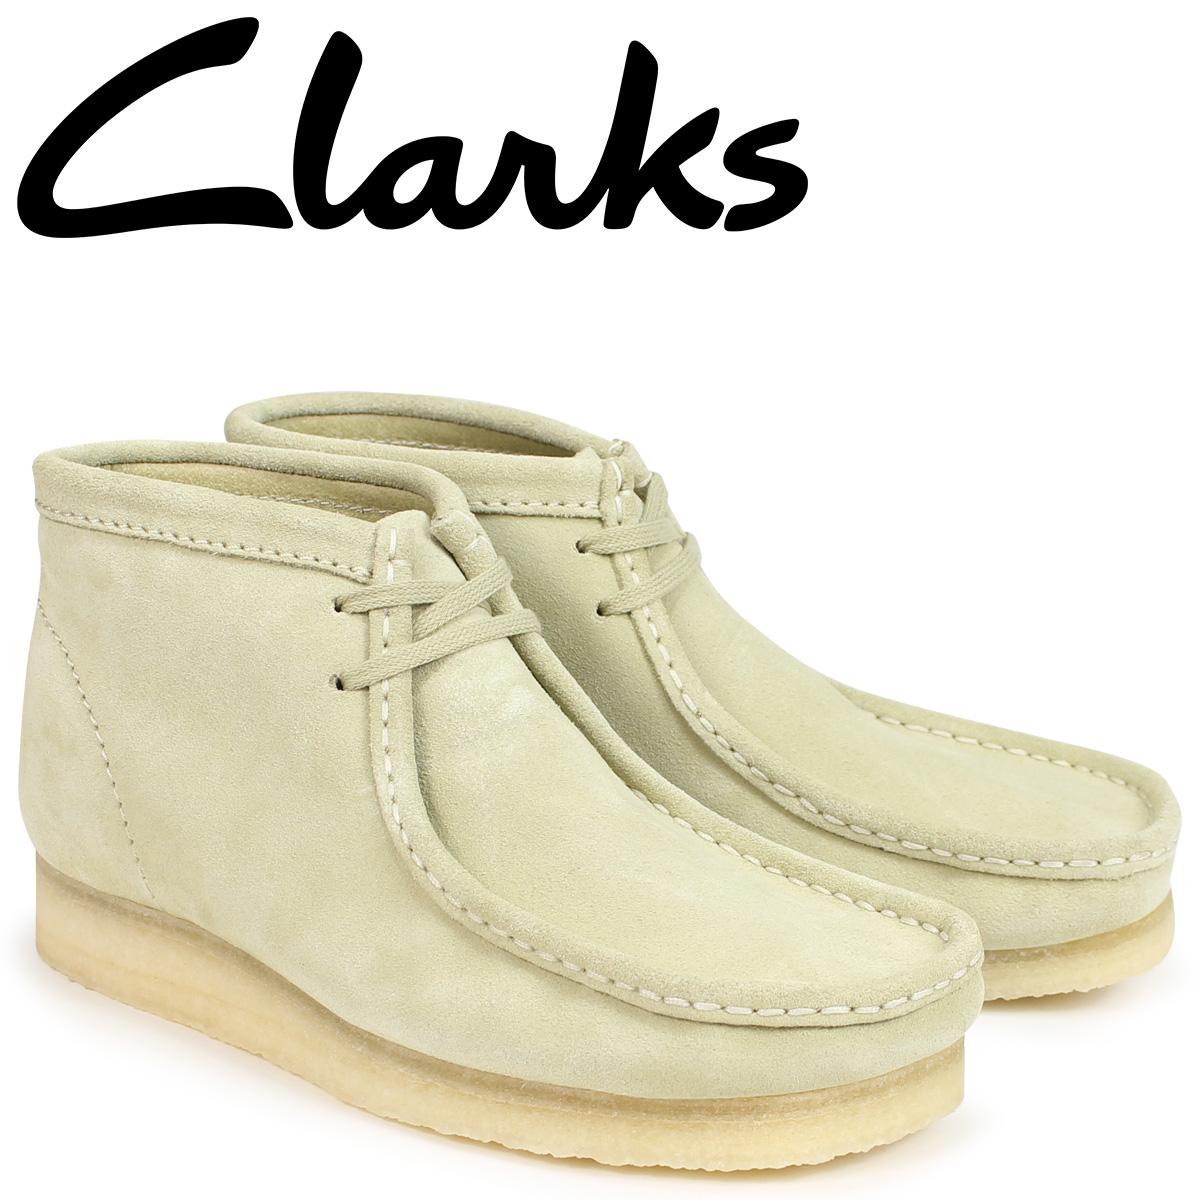 【最大2000円OFFクーポン】 クラークス ワラビー ブーツ メンズ Clarks WALLABEE BOOT 26133283 メープル [2/22 追加入荷]